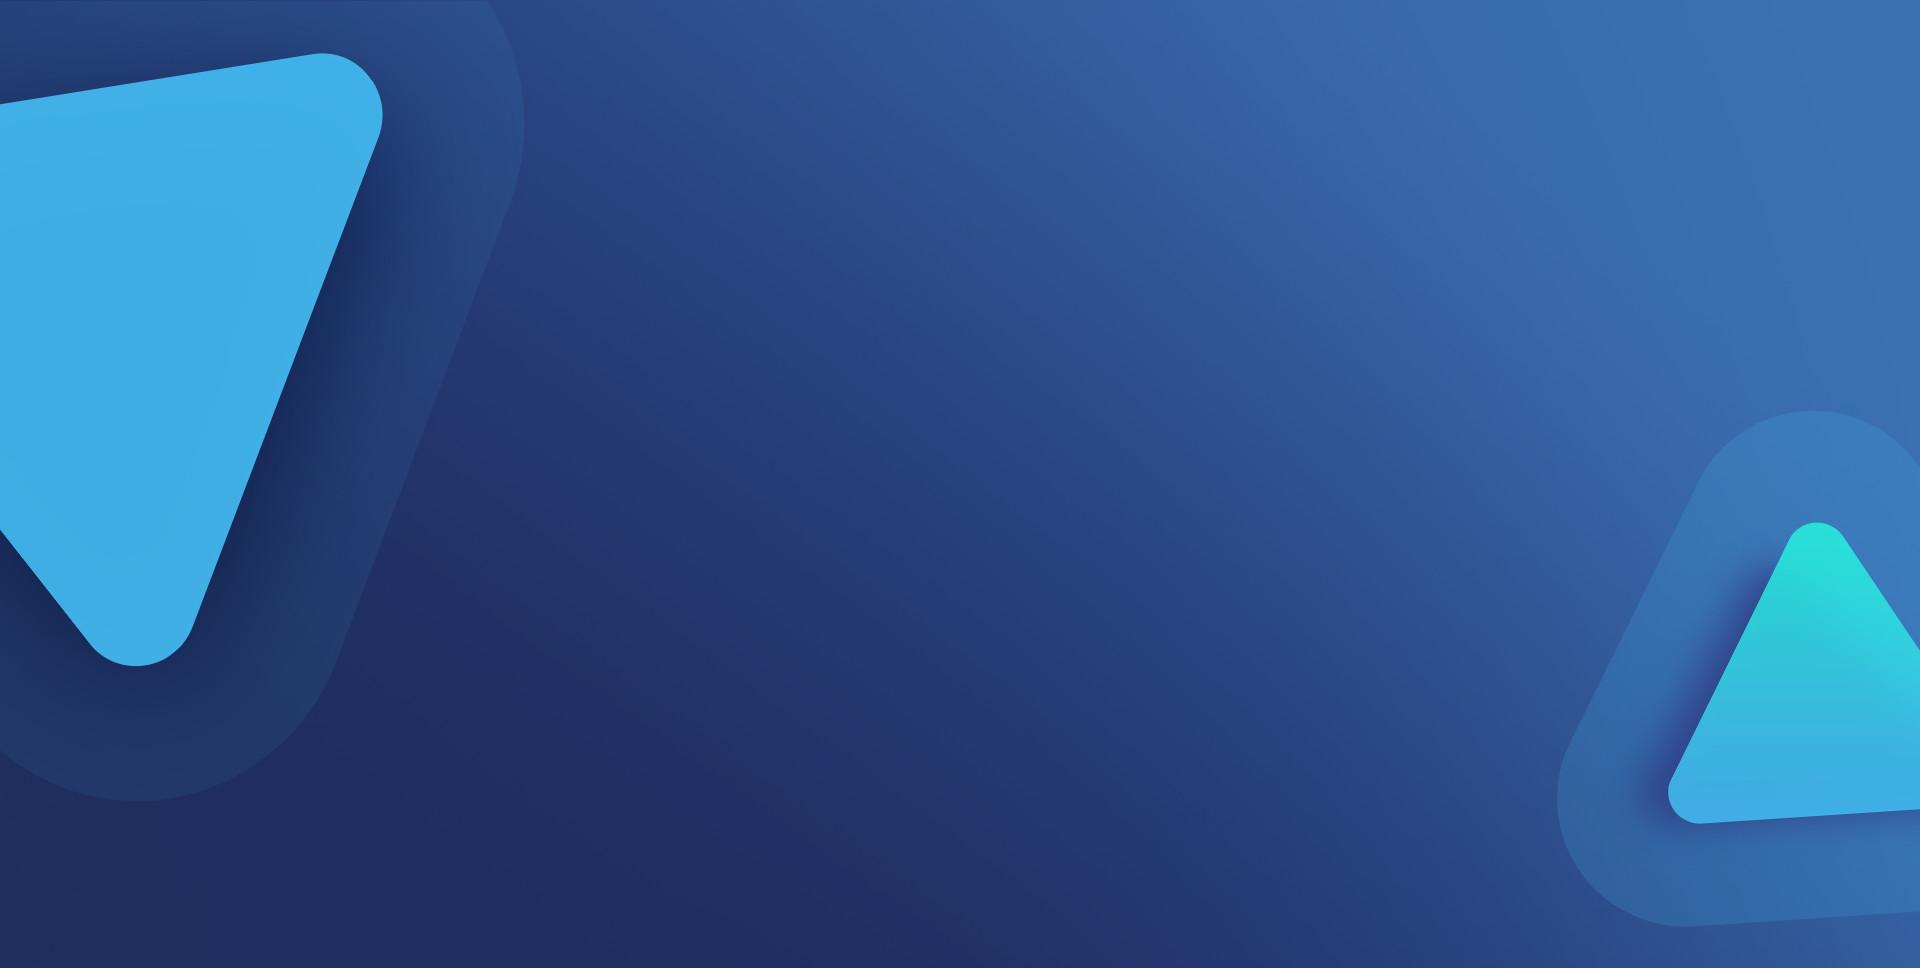 blue_bg